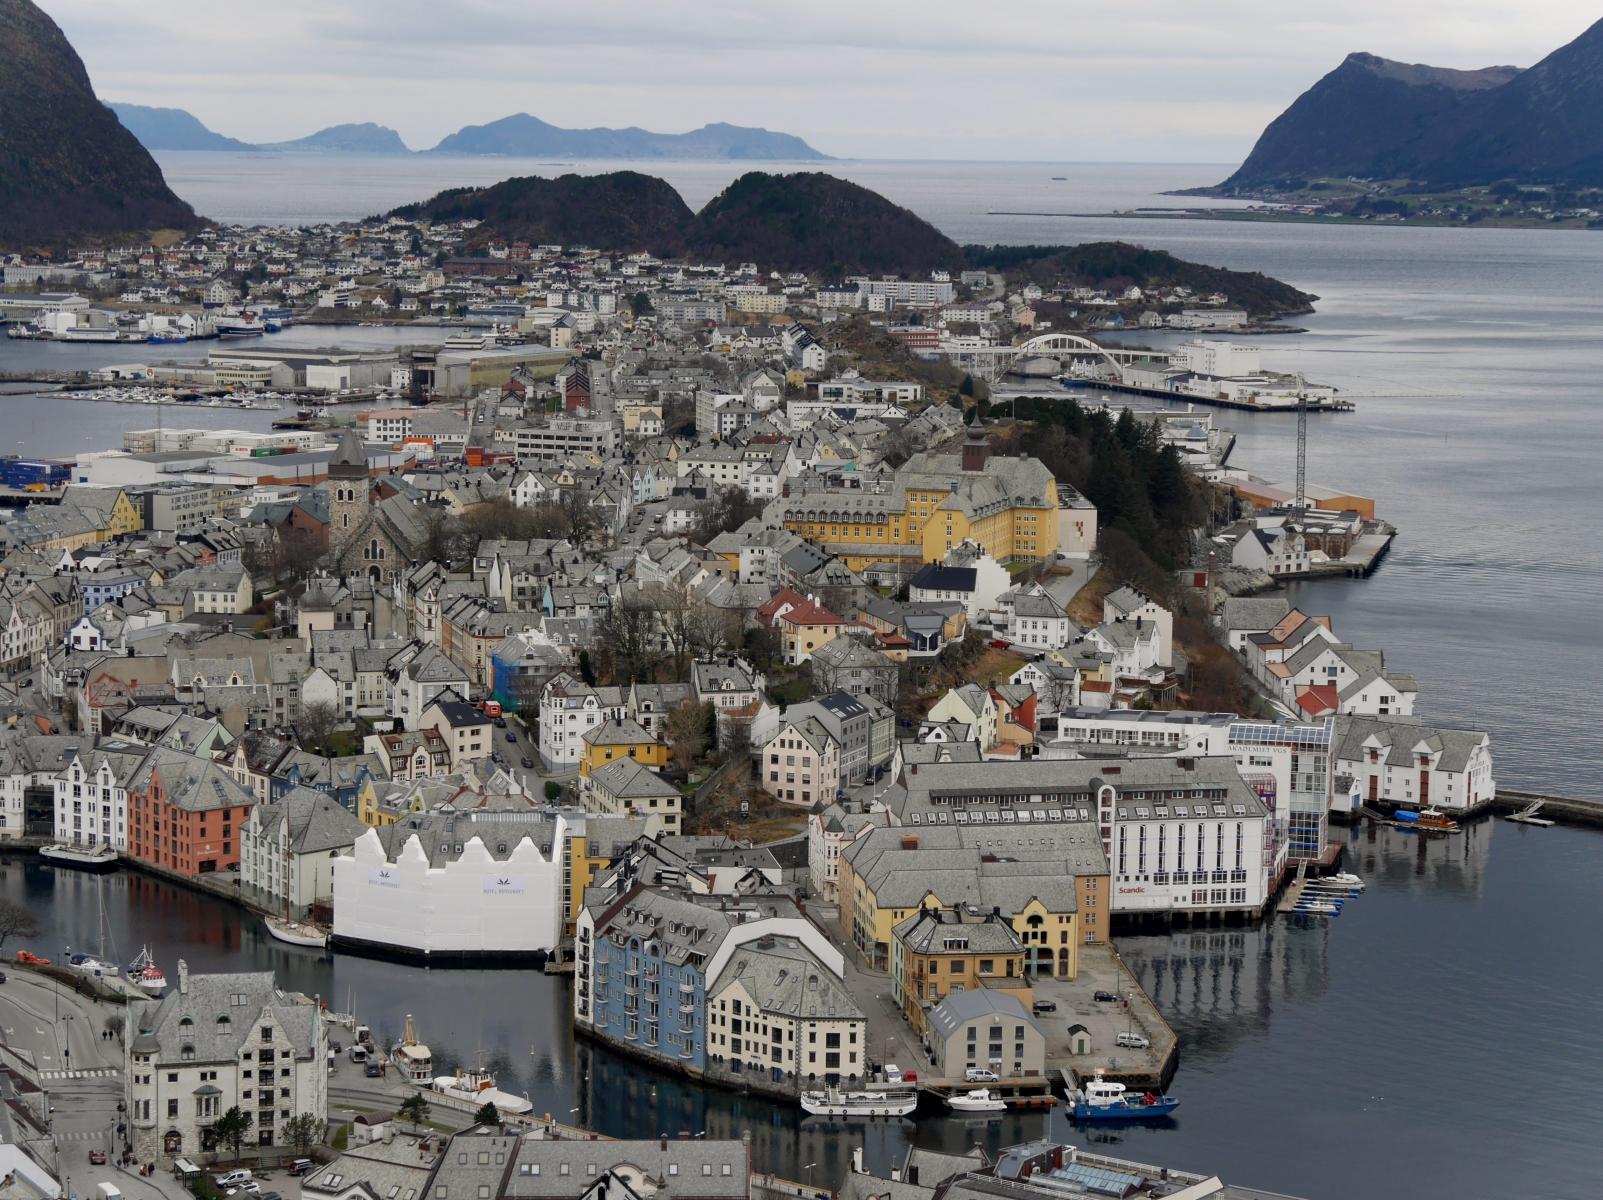 Nach 418 Treppenstufen auf den 'Aksla' hat man diese wunderbare Aussicht auf die Stadt Ålesund.